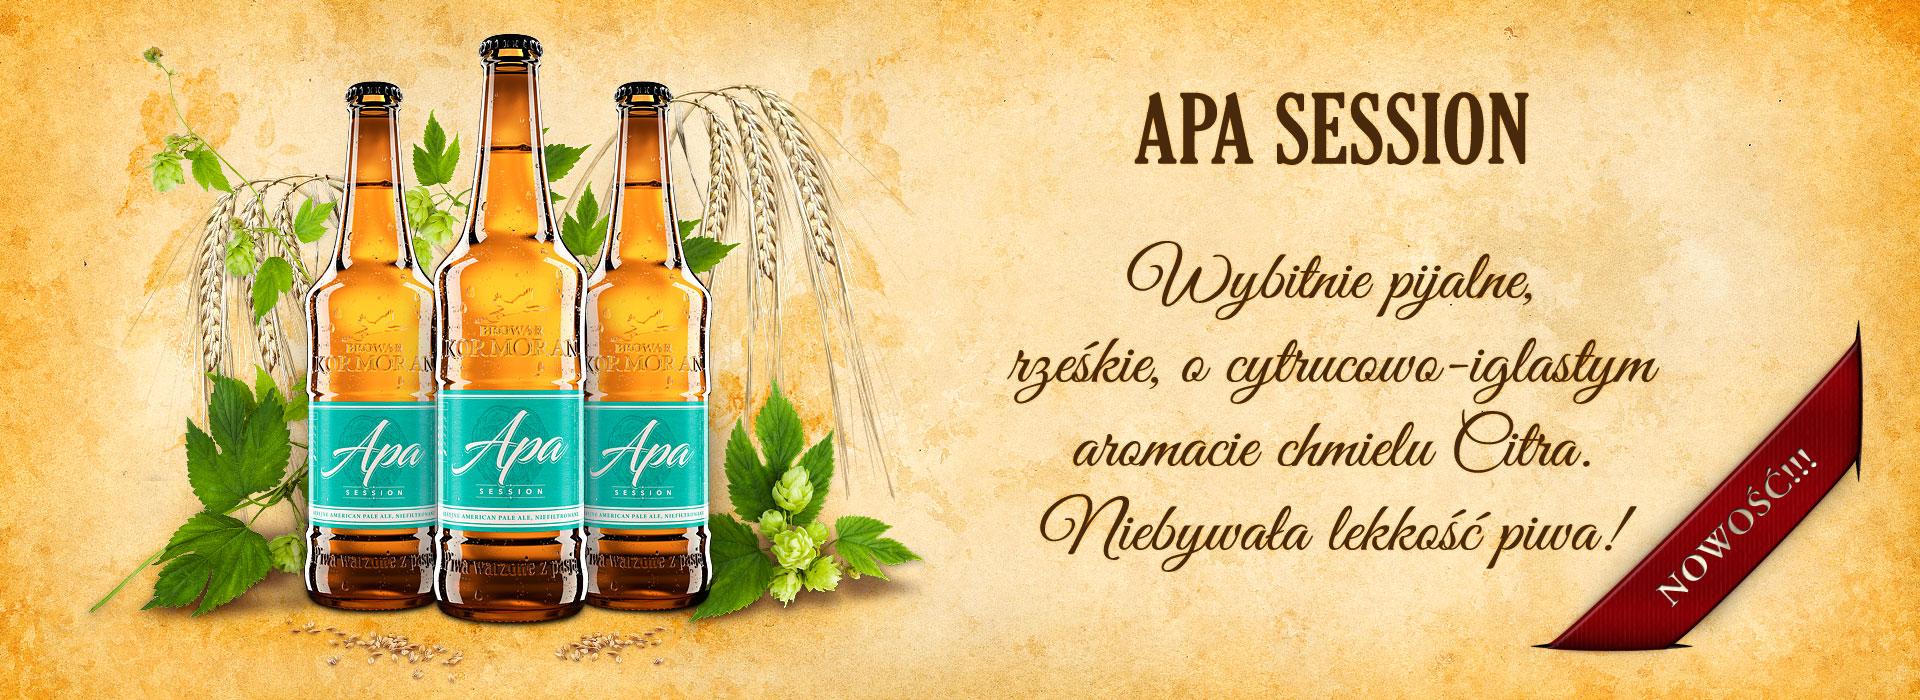 Piwo APA SESSION - Browar Kormoran - nowość!